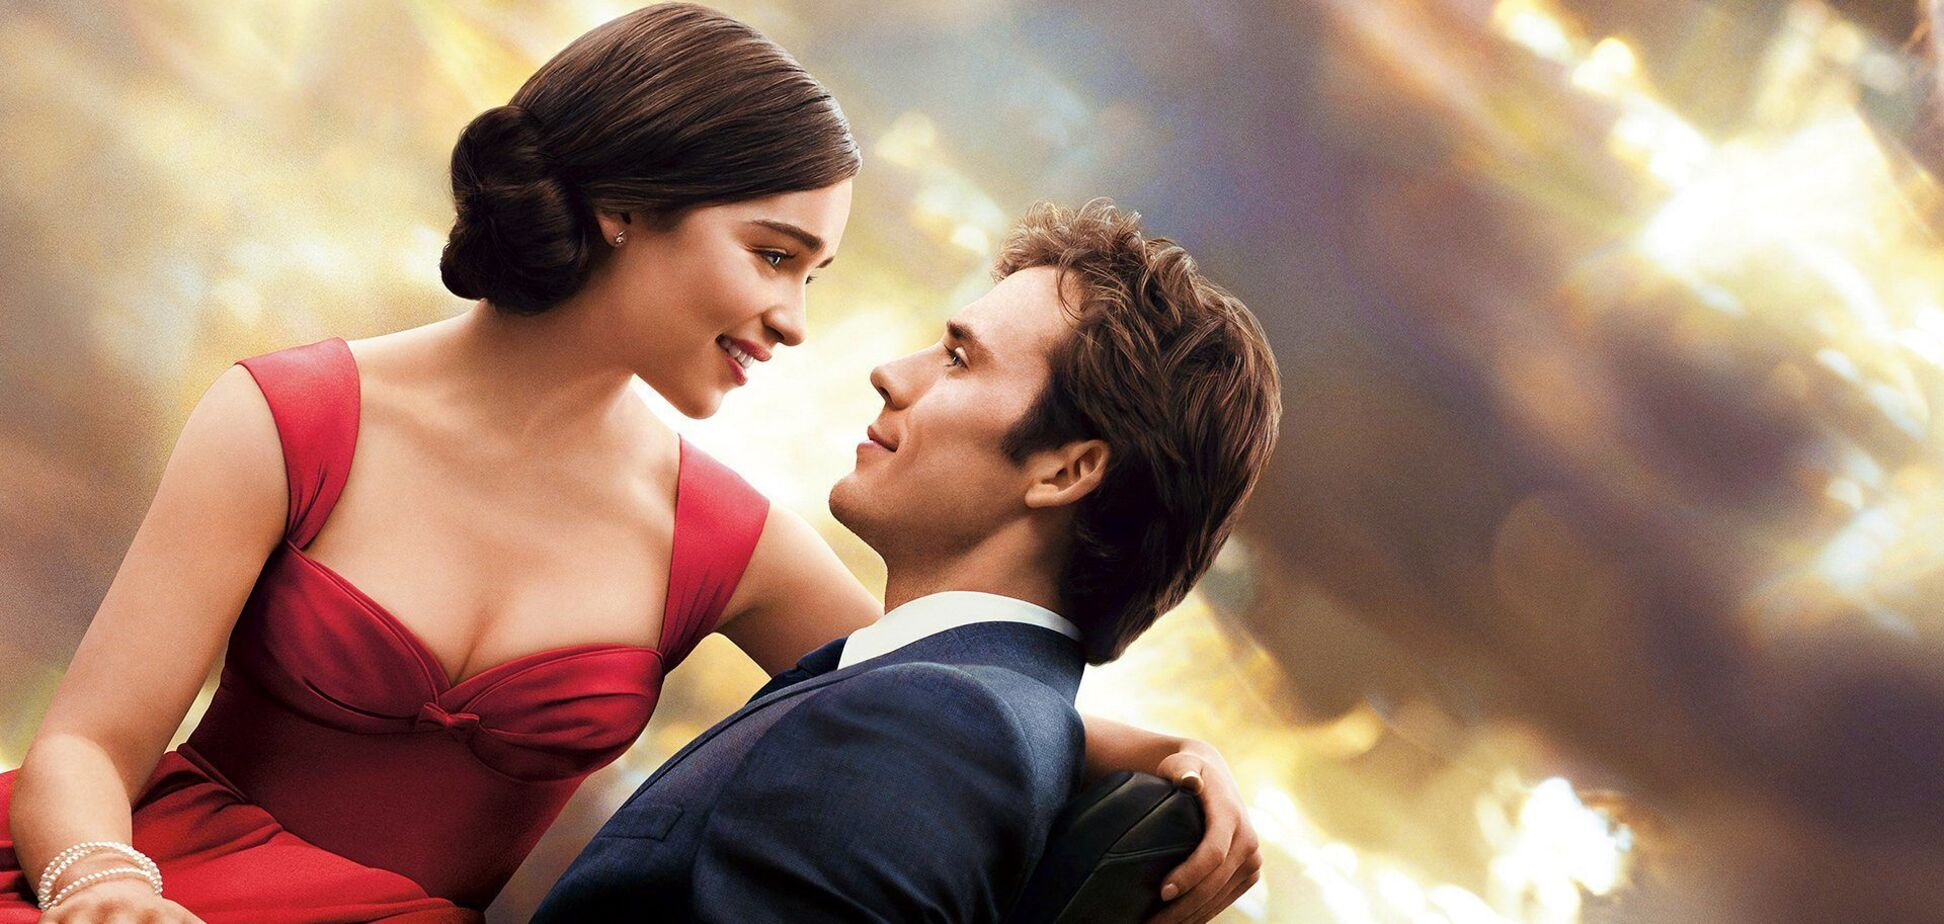 Топ-7 фільмів про справжнє кохання, які надихнуть і не розчарують